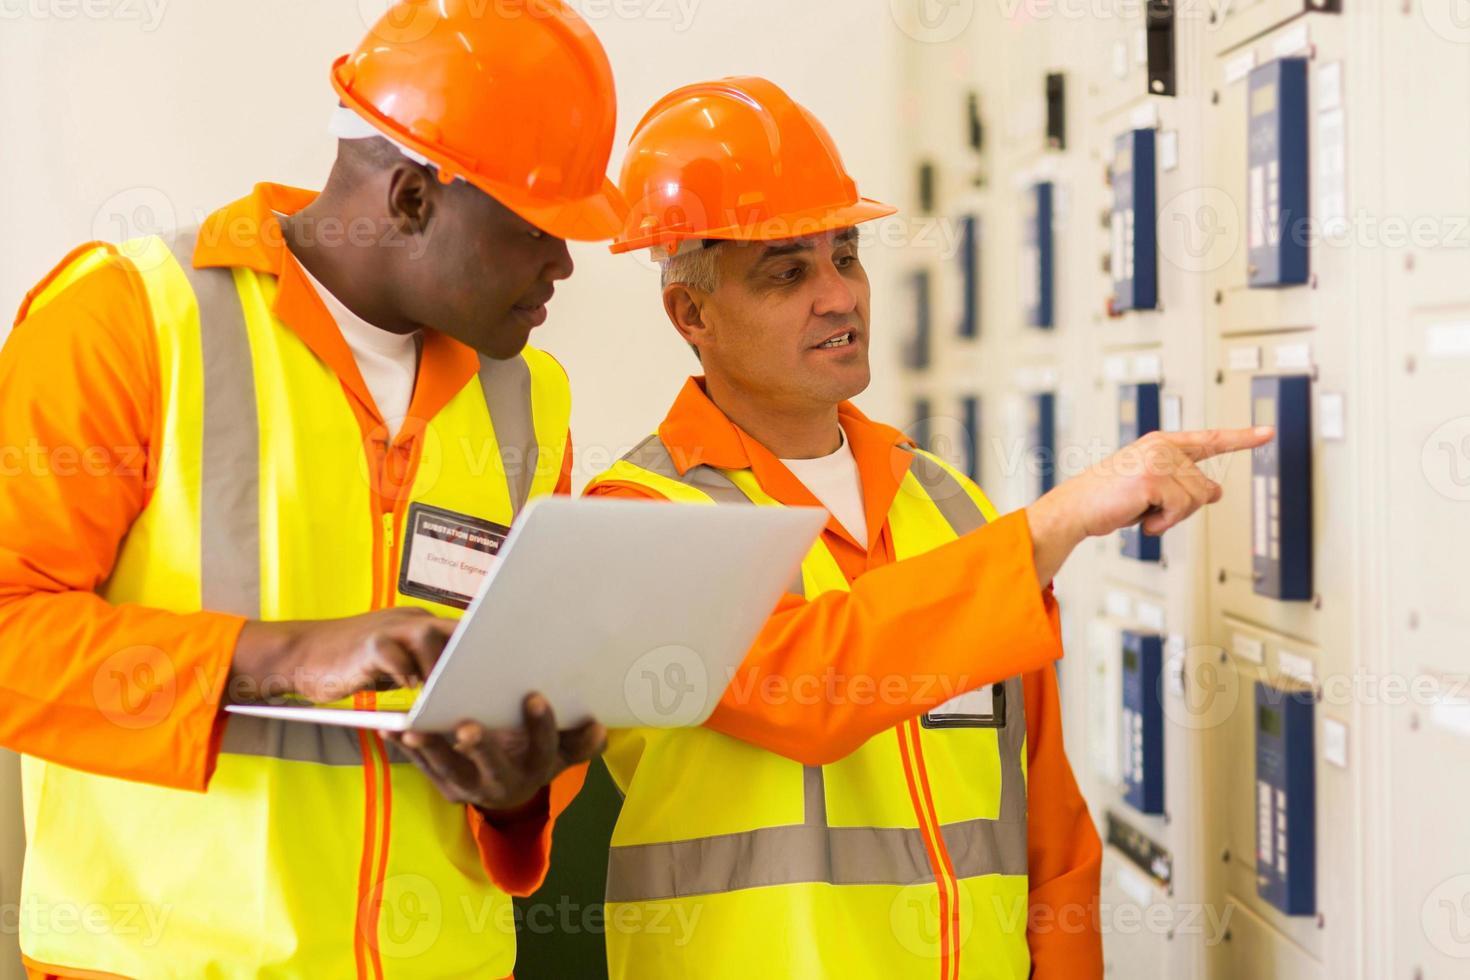 Zwei Elektriker überprüfen die industrielle Steuerbox foto